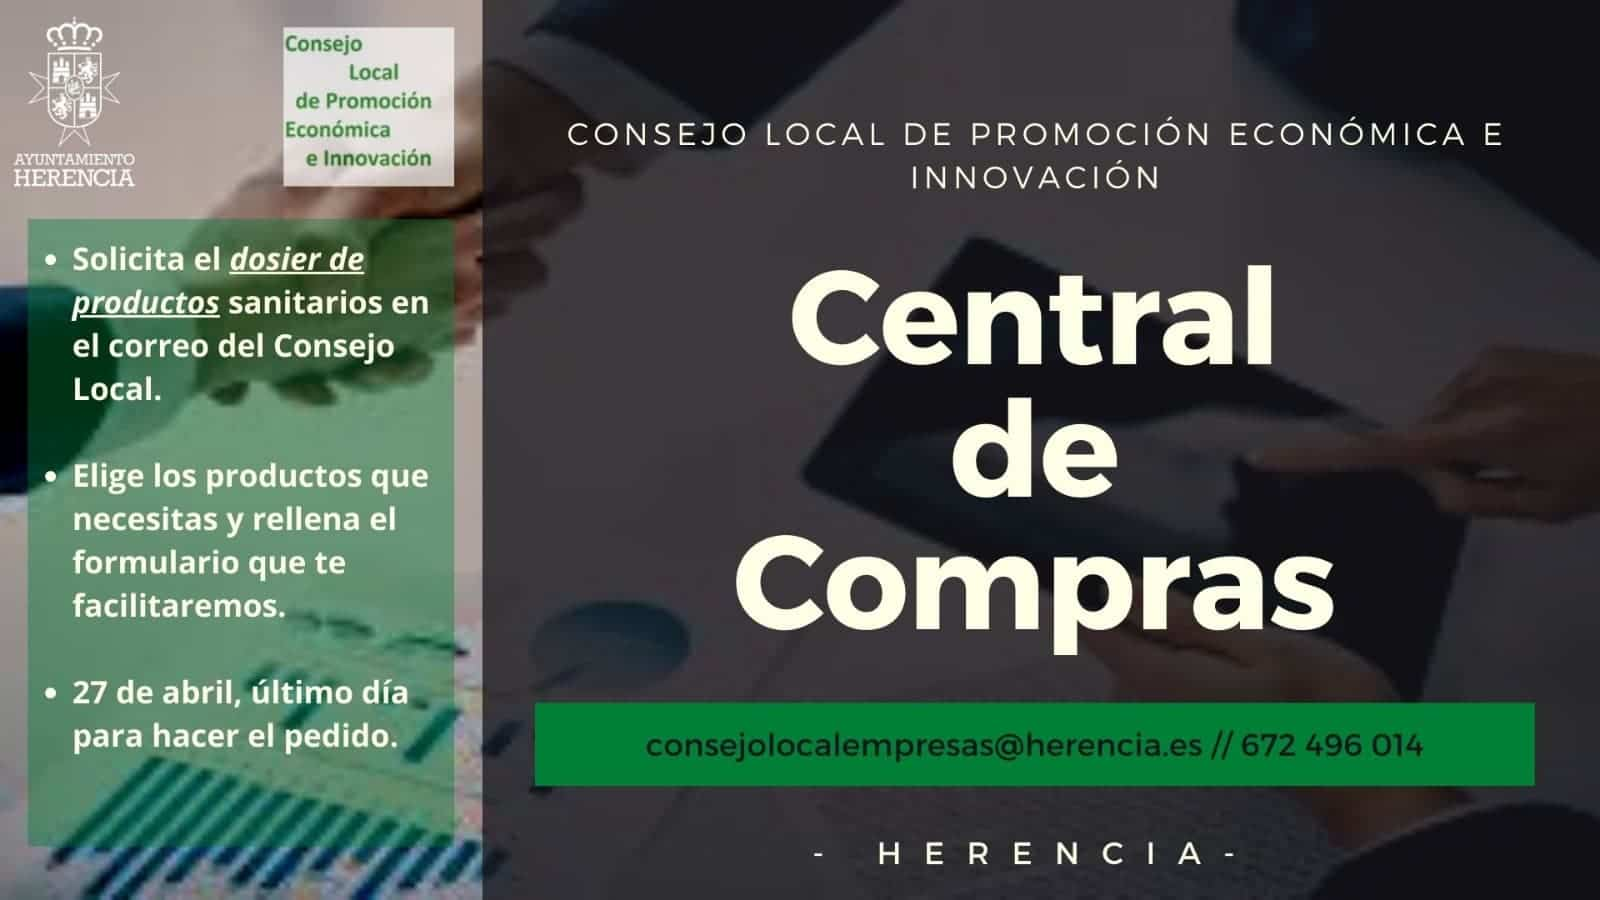 La empresas de Herencia ponen en marcha una central de compras frente al coronavirus 3